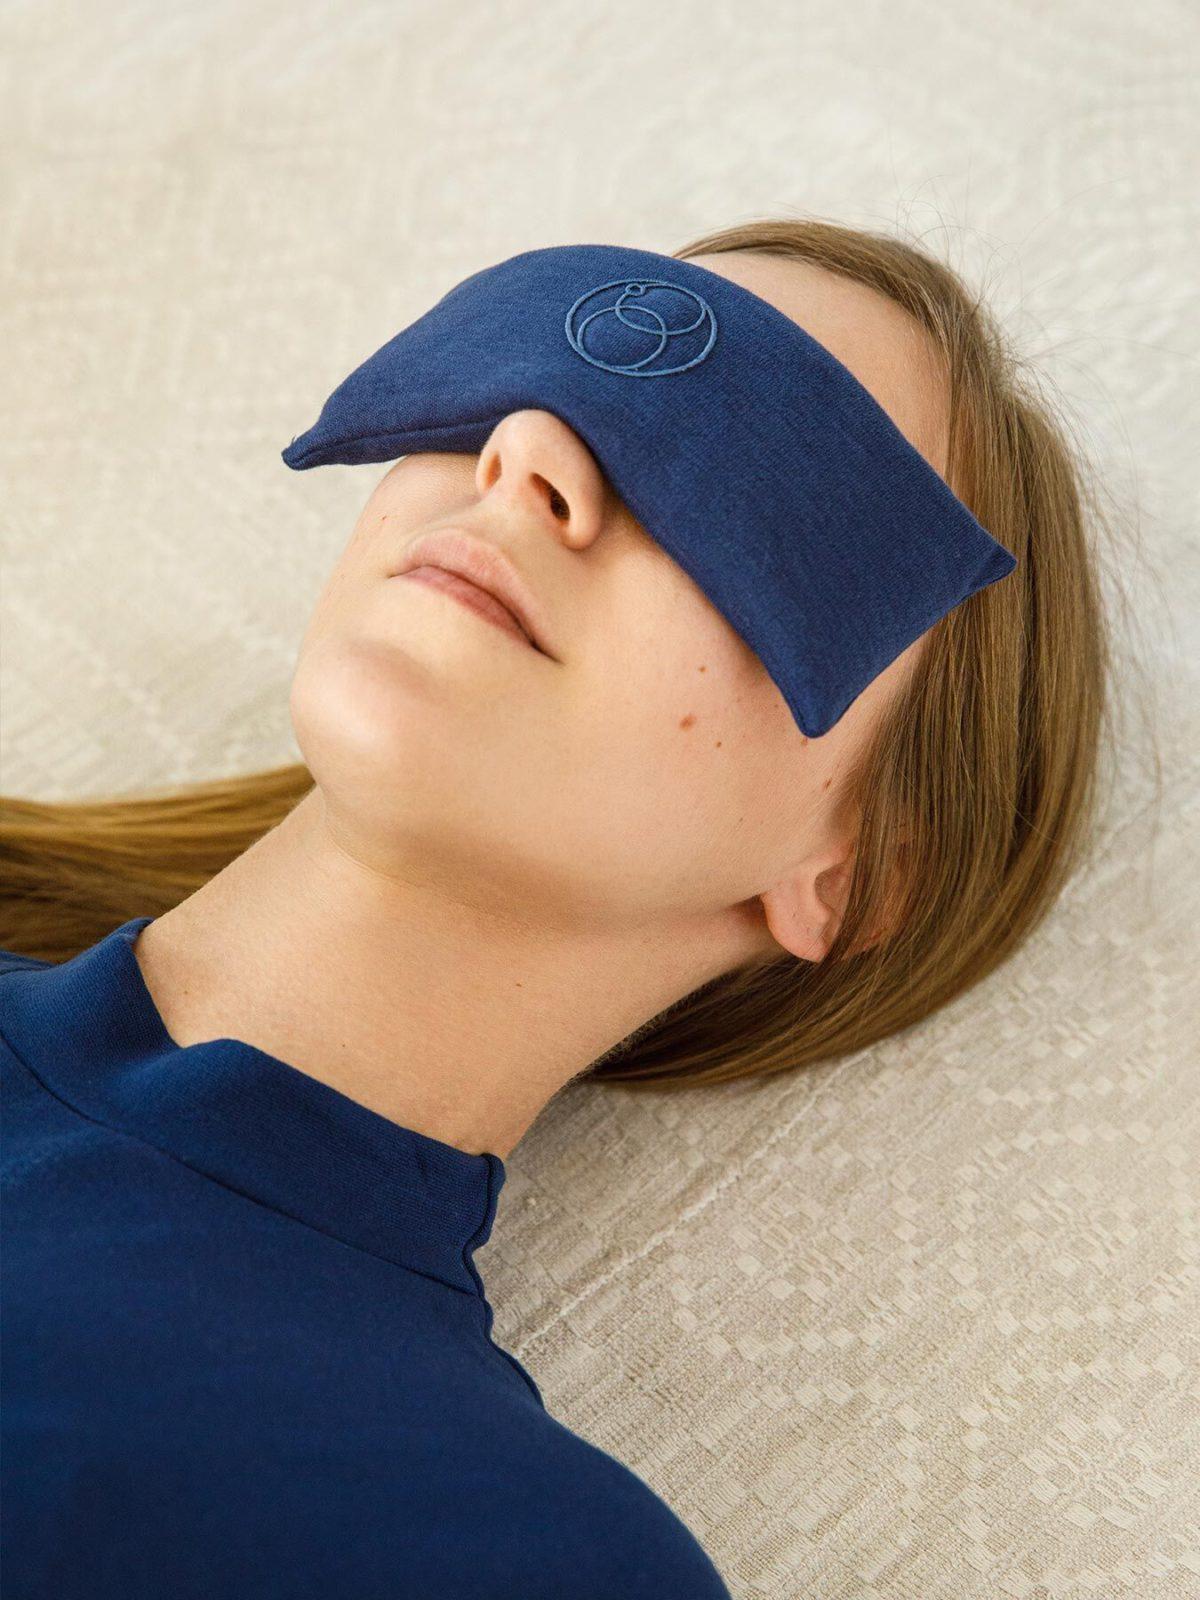 Das Entspannungs-Augenkissen in blau liegt auf den Augen eines ModelsModel